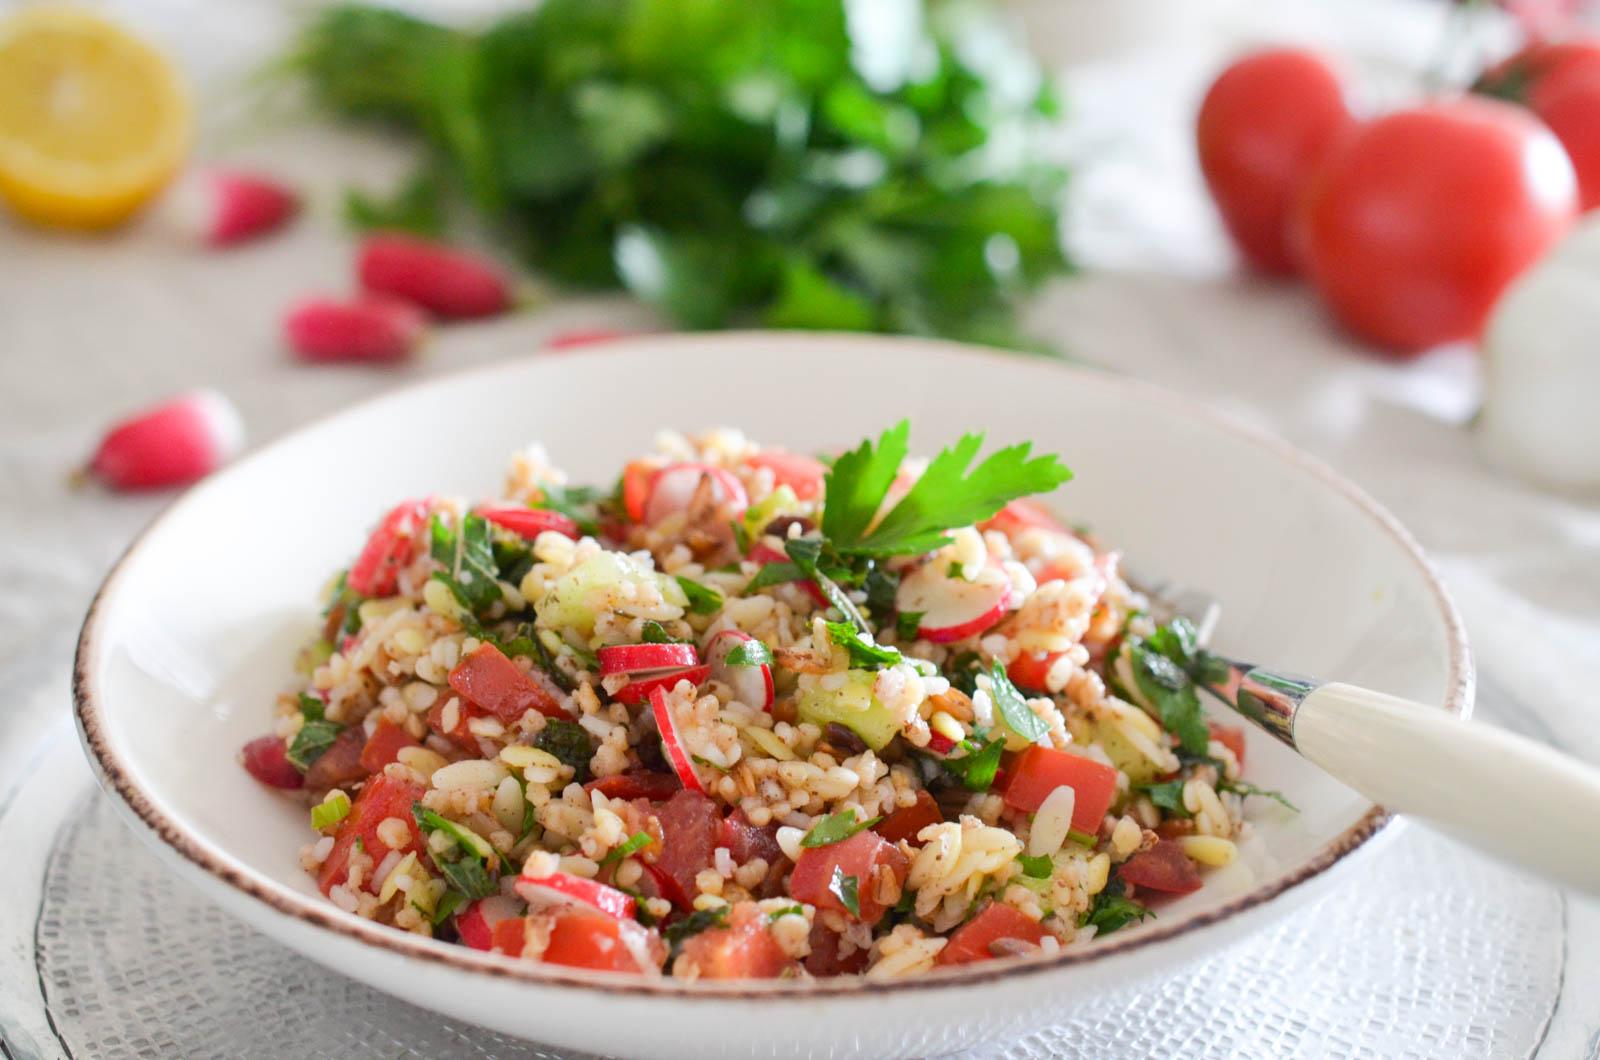 Salade Céréales Campagne Tipiak Libanaise (3 Sur 4)